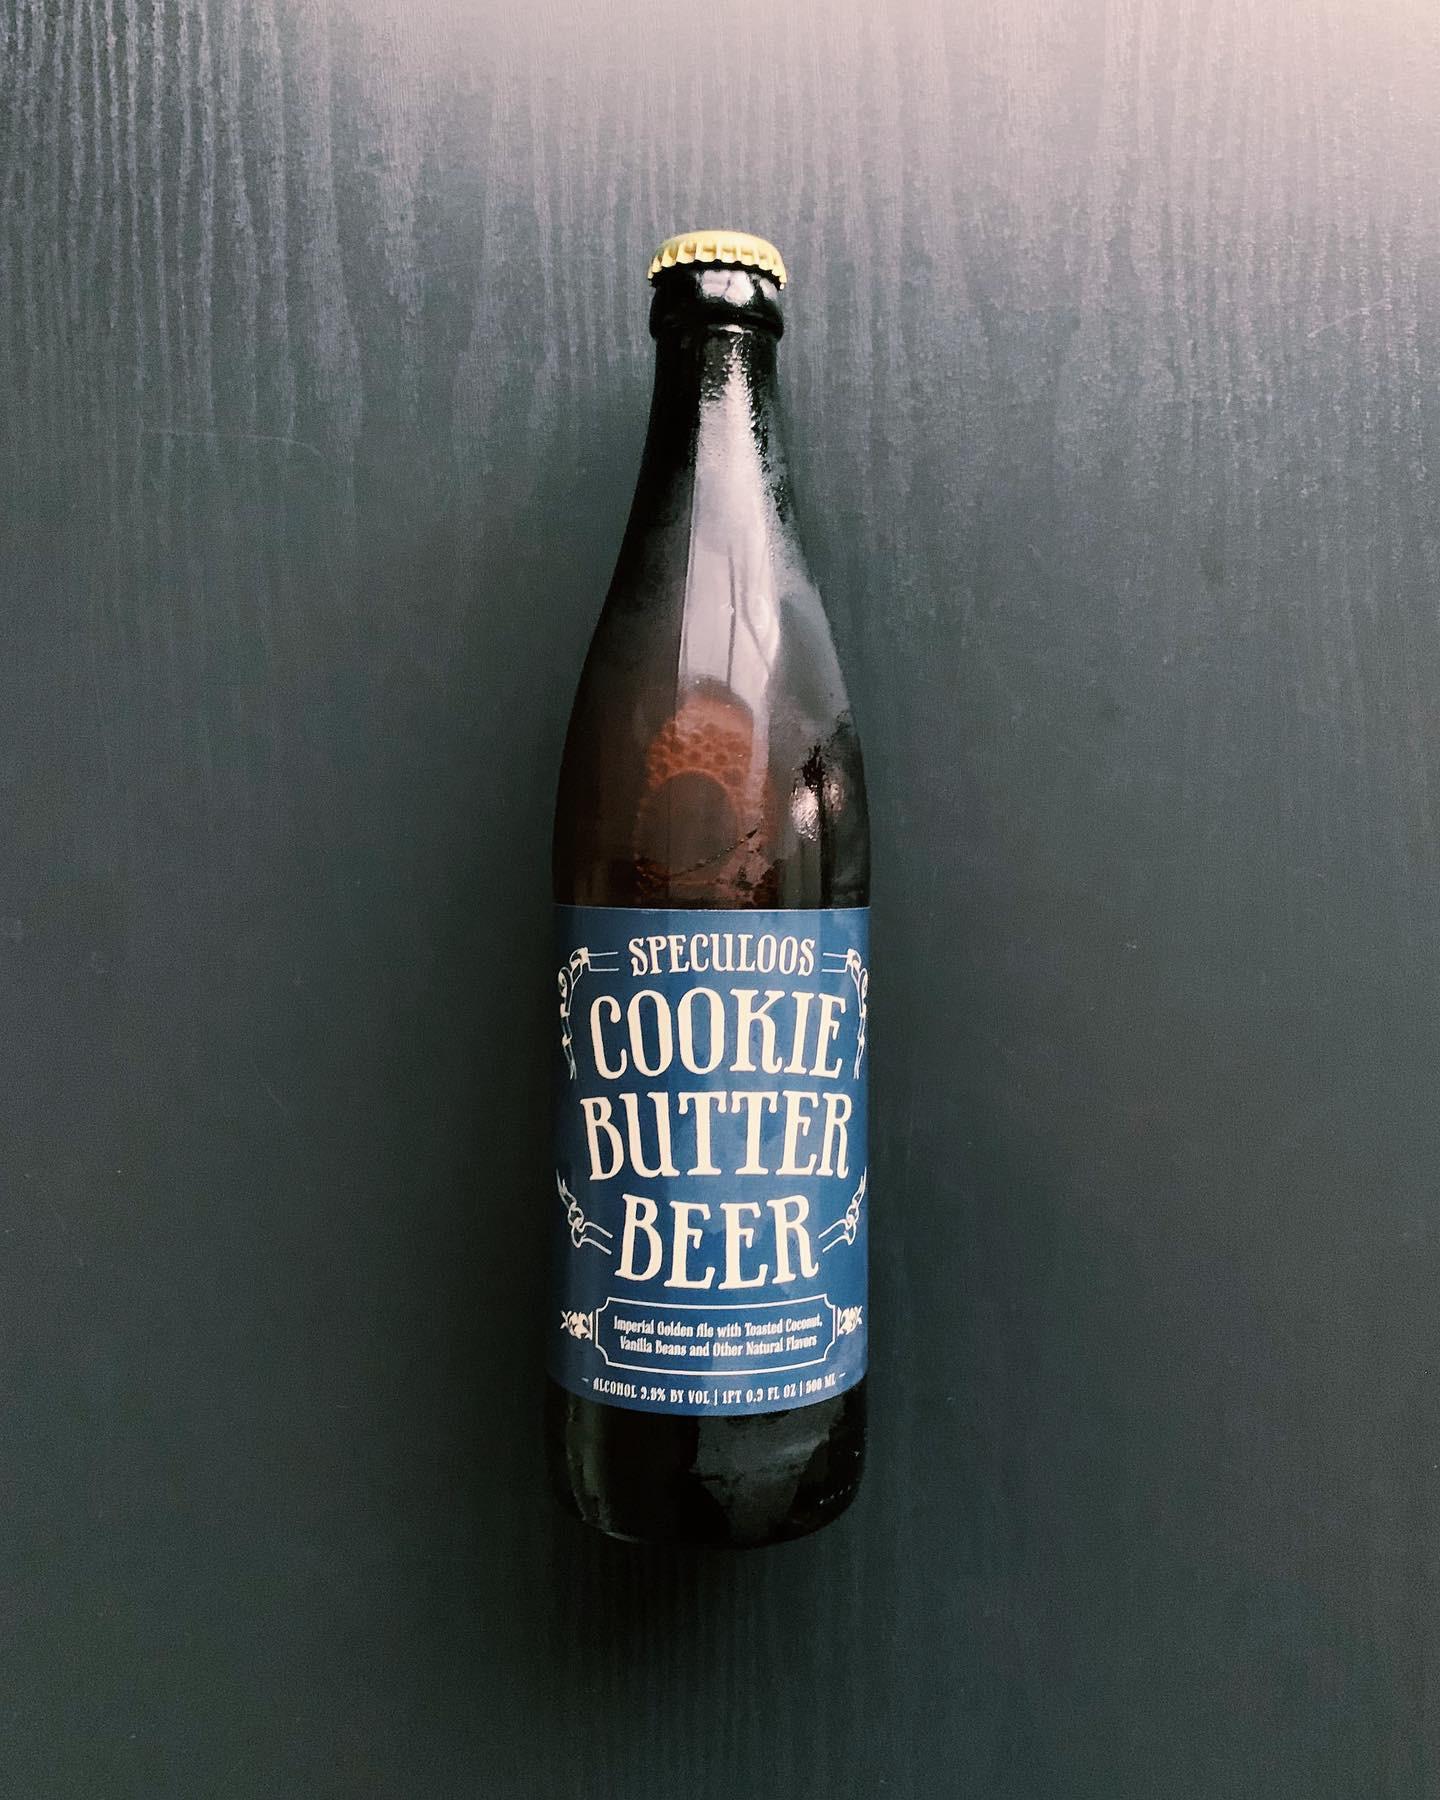 Cookie Butter Beer: 7.5/10